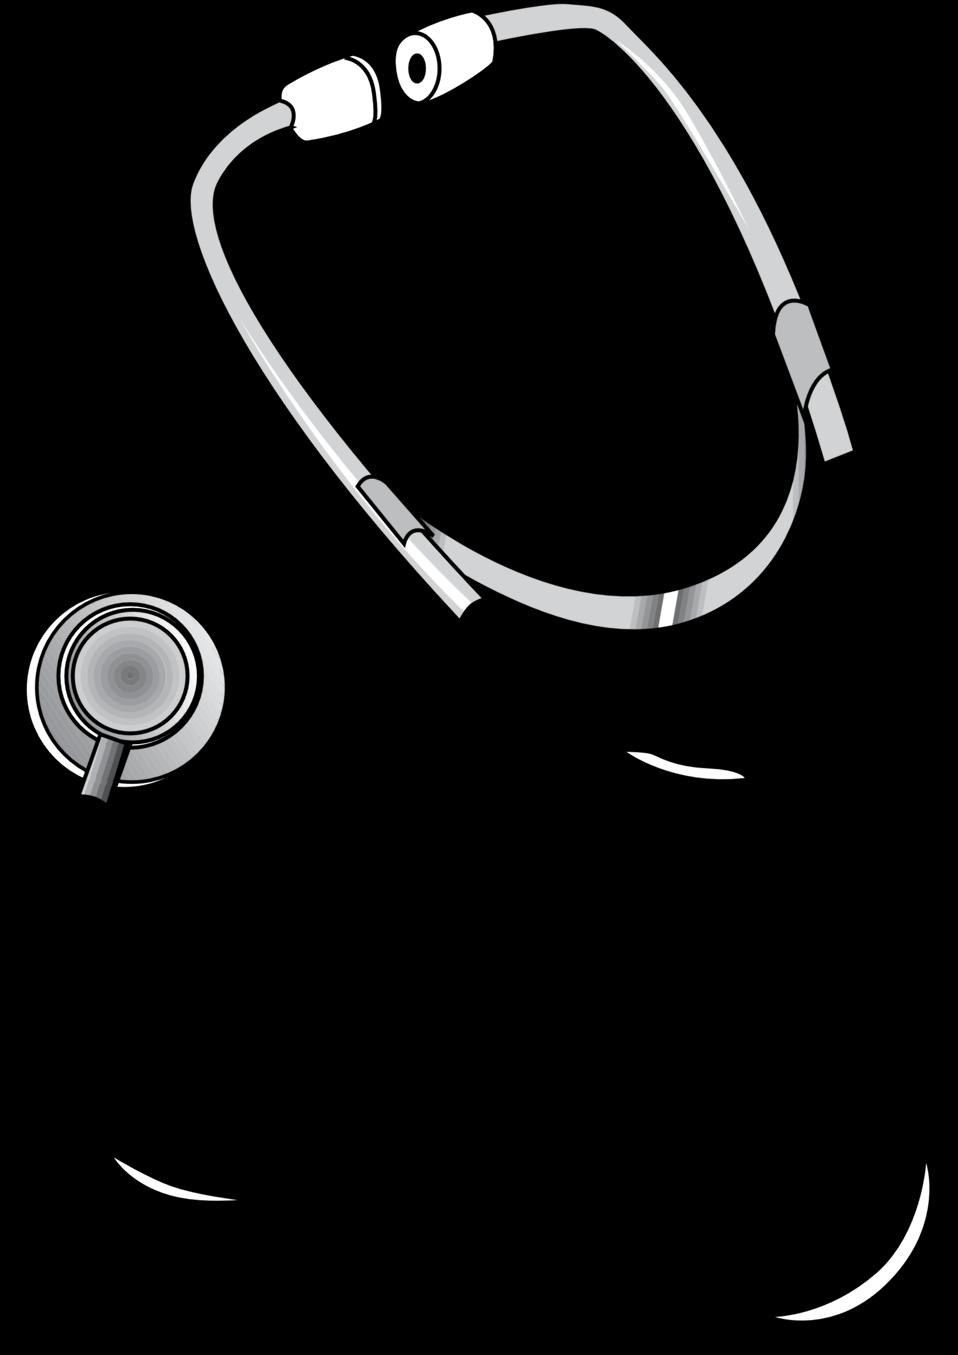 Nurse clipart stethoscope. Public domain clip art